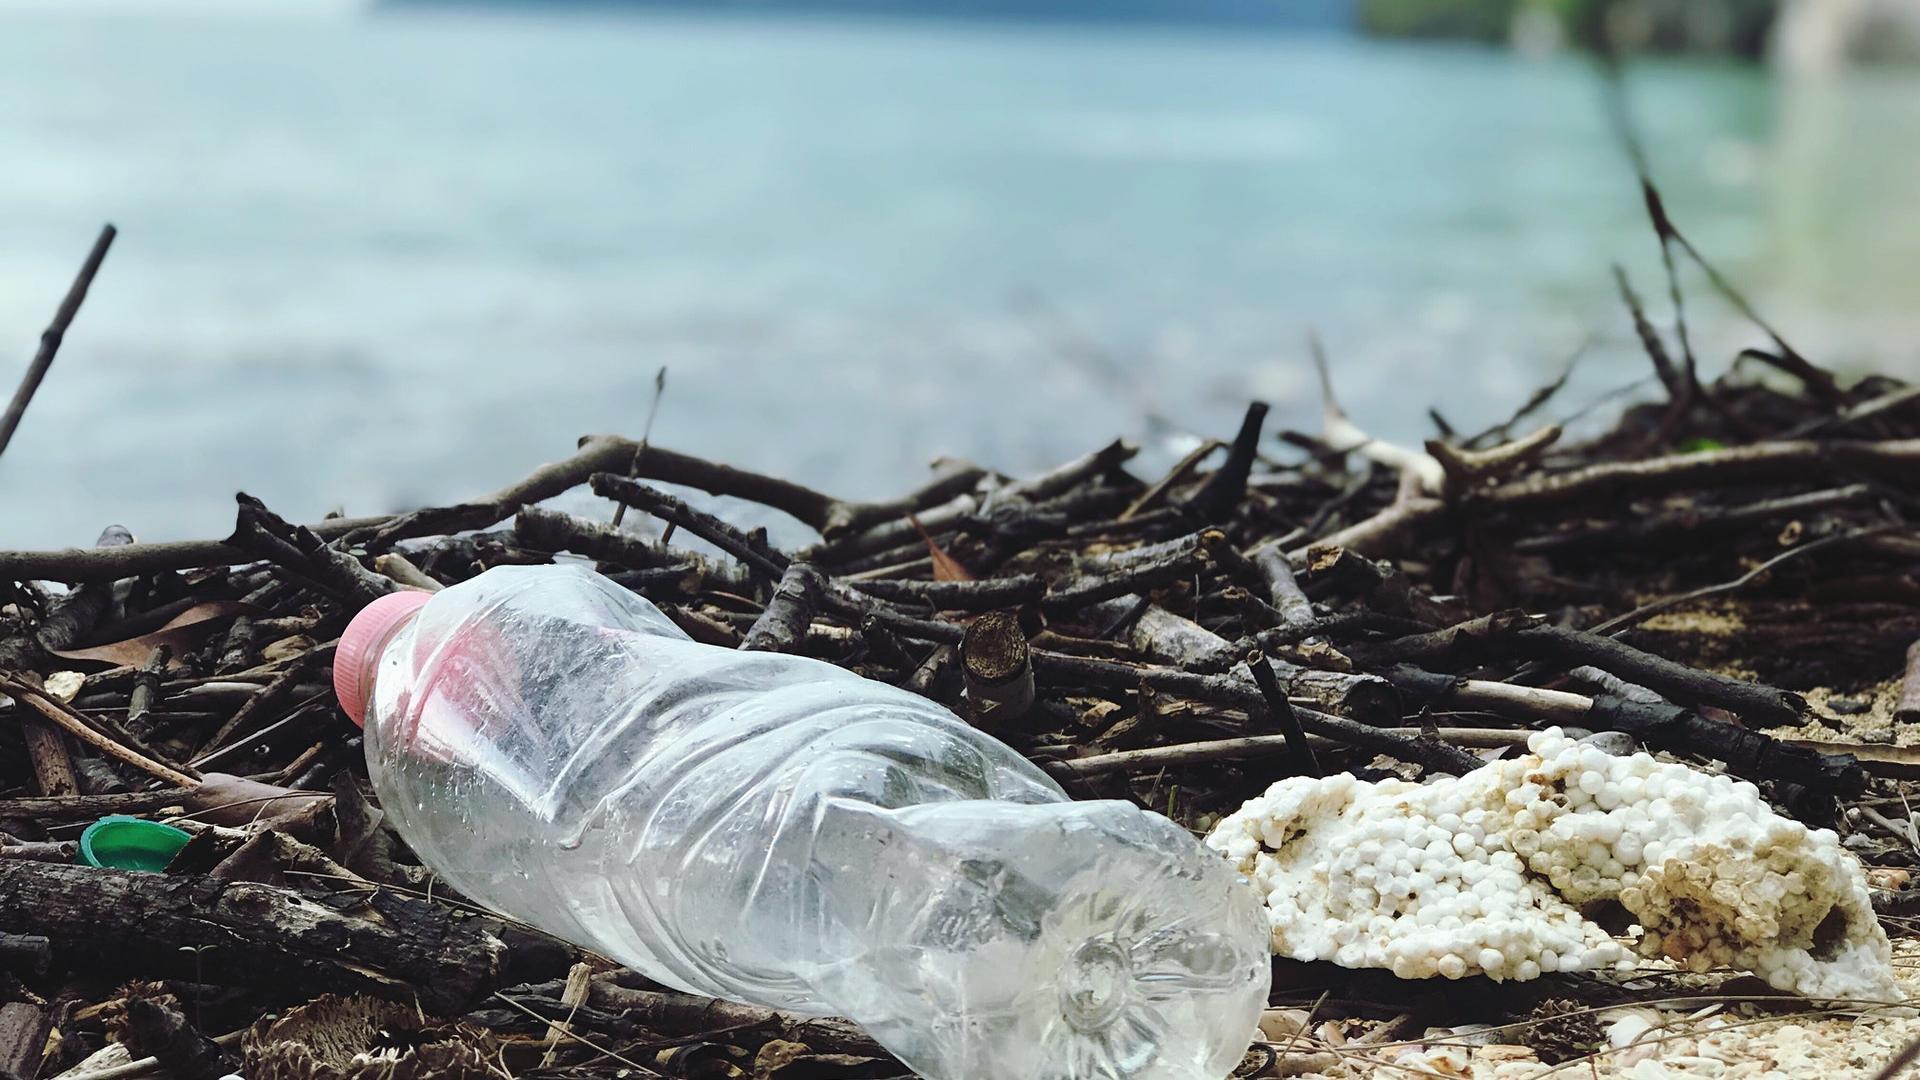 plastikflasche umweltverschmutzung strand